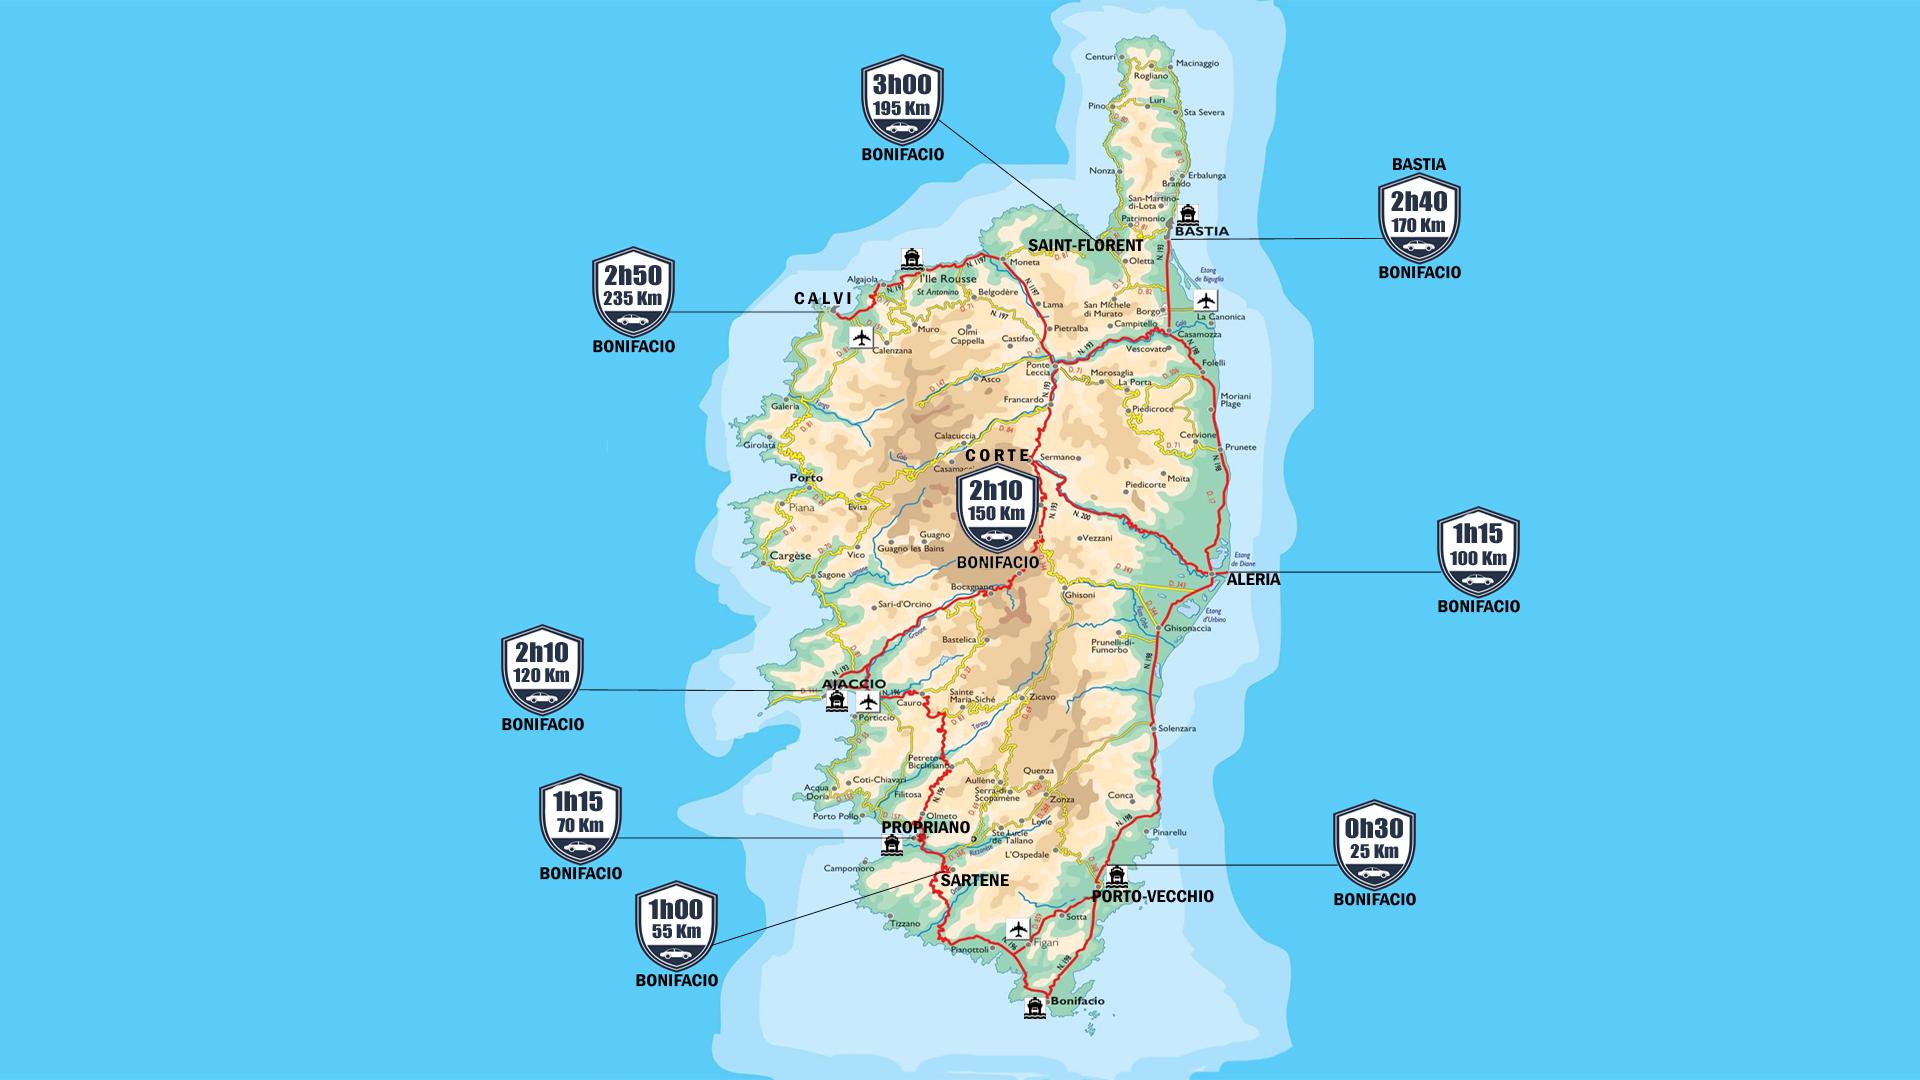 Carte Corse Avec Distance.Distance Entre Les Villes De Corse Trajet En Voiture Ot